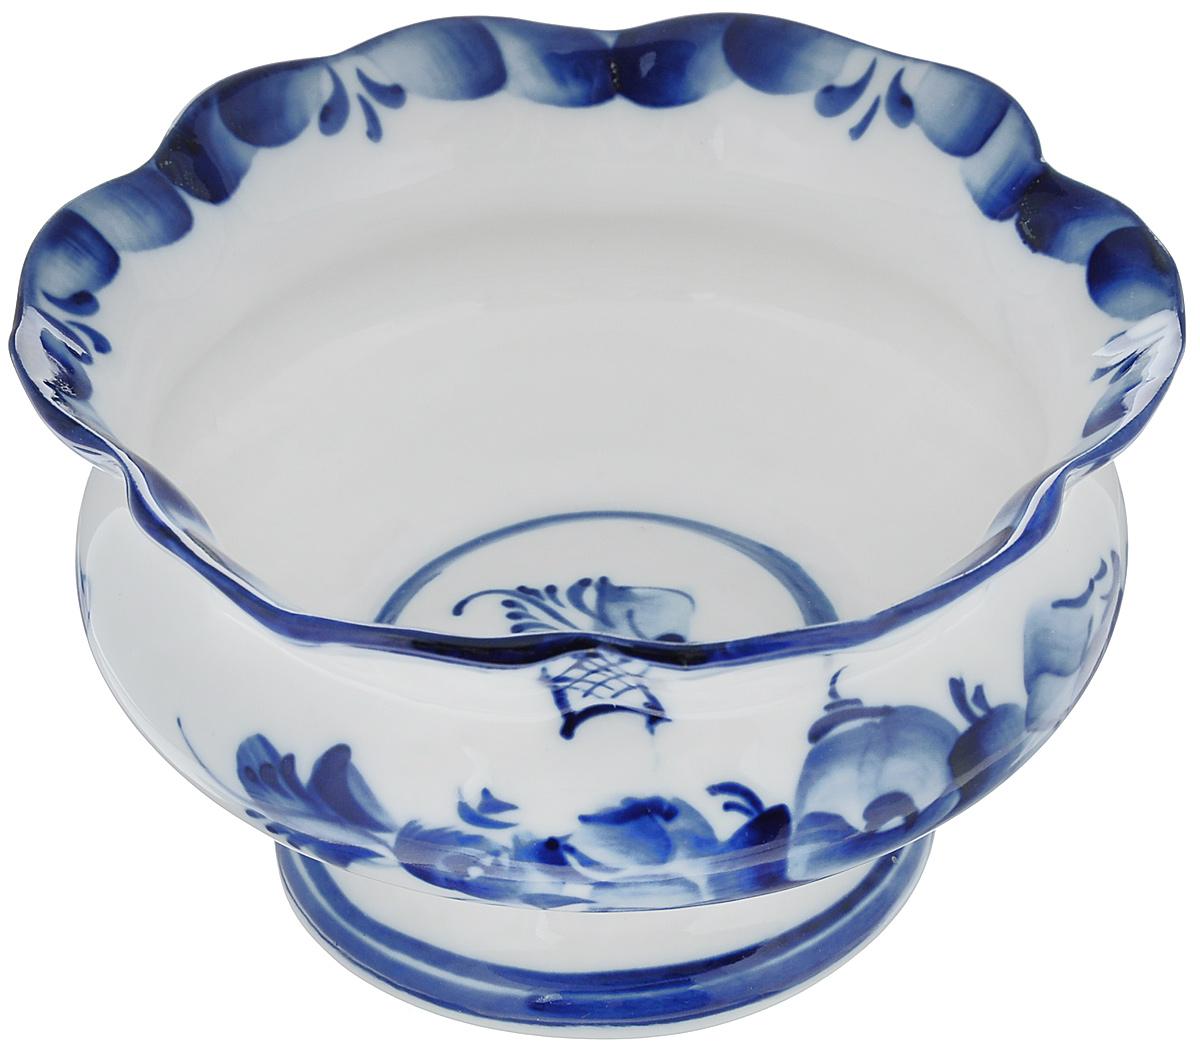 Ваза для варенья Идиллия2с, диаметр 12 см23815Ваза для варенья Идиллия выполнена из высококачественной керамики и оформлена гжелью. Емкость оснащена волнистыми краями и, несомненно, понравится любителям классического стиля.Такая ваза украсит ваш праздничный или обеденный стол, а яркое оформление понравится любой хозяйке.Уважаемые клиенты!Обращаем ваше внимание, что роспись на изделии выполнена вручную. Рисунок может немного отличаться от изображения на фотографии.Диаметр (по верхнему краю): 12 см.Высота: 7 см.